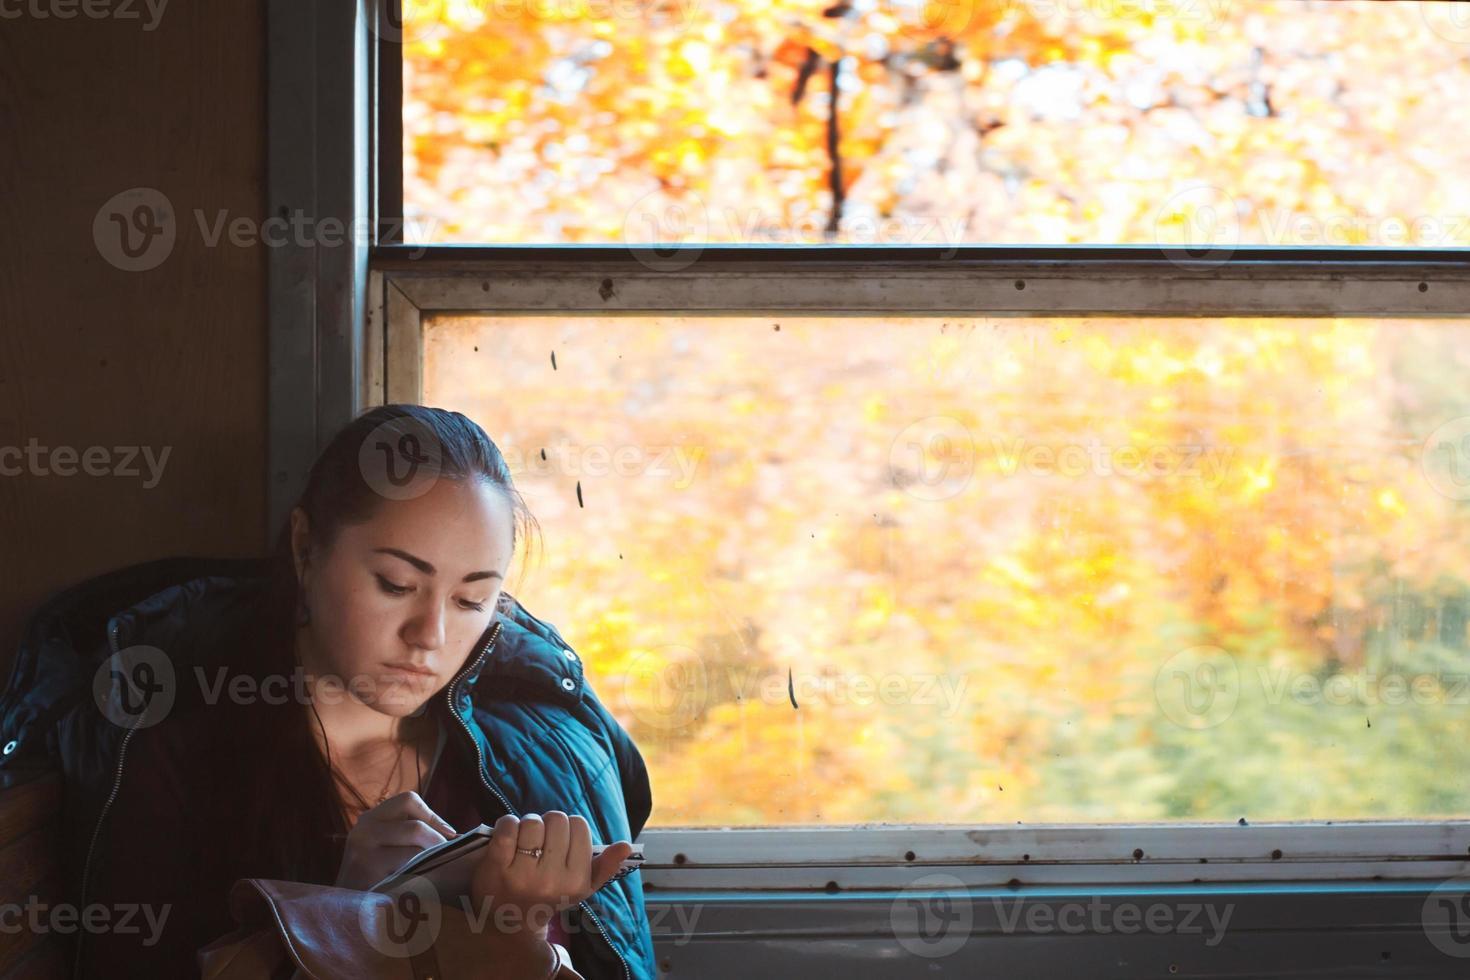 garota desenha no trem foto